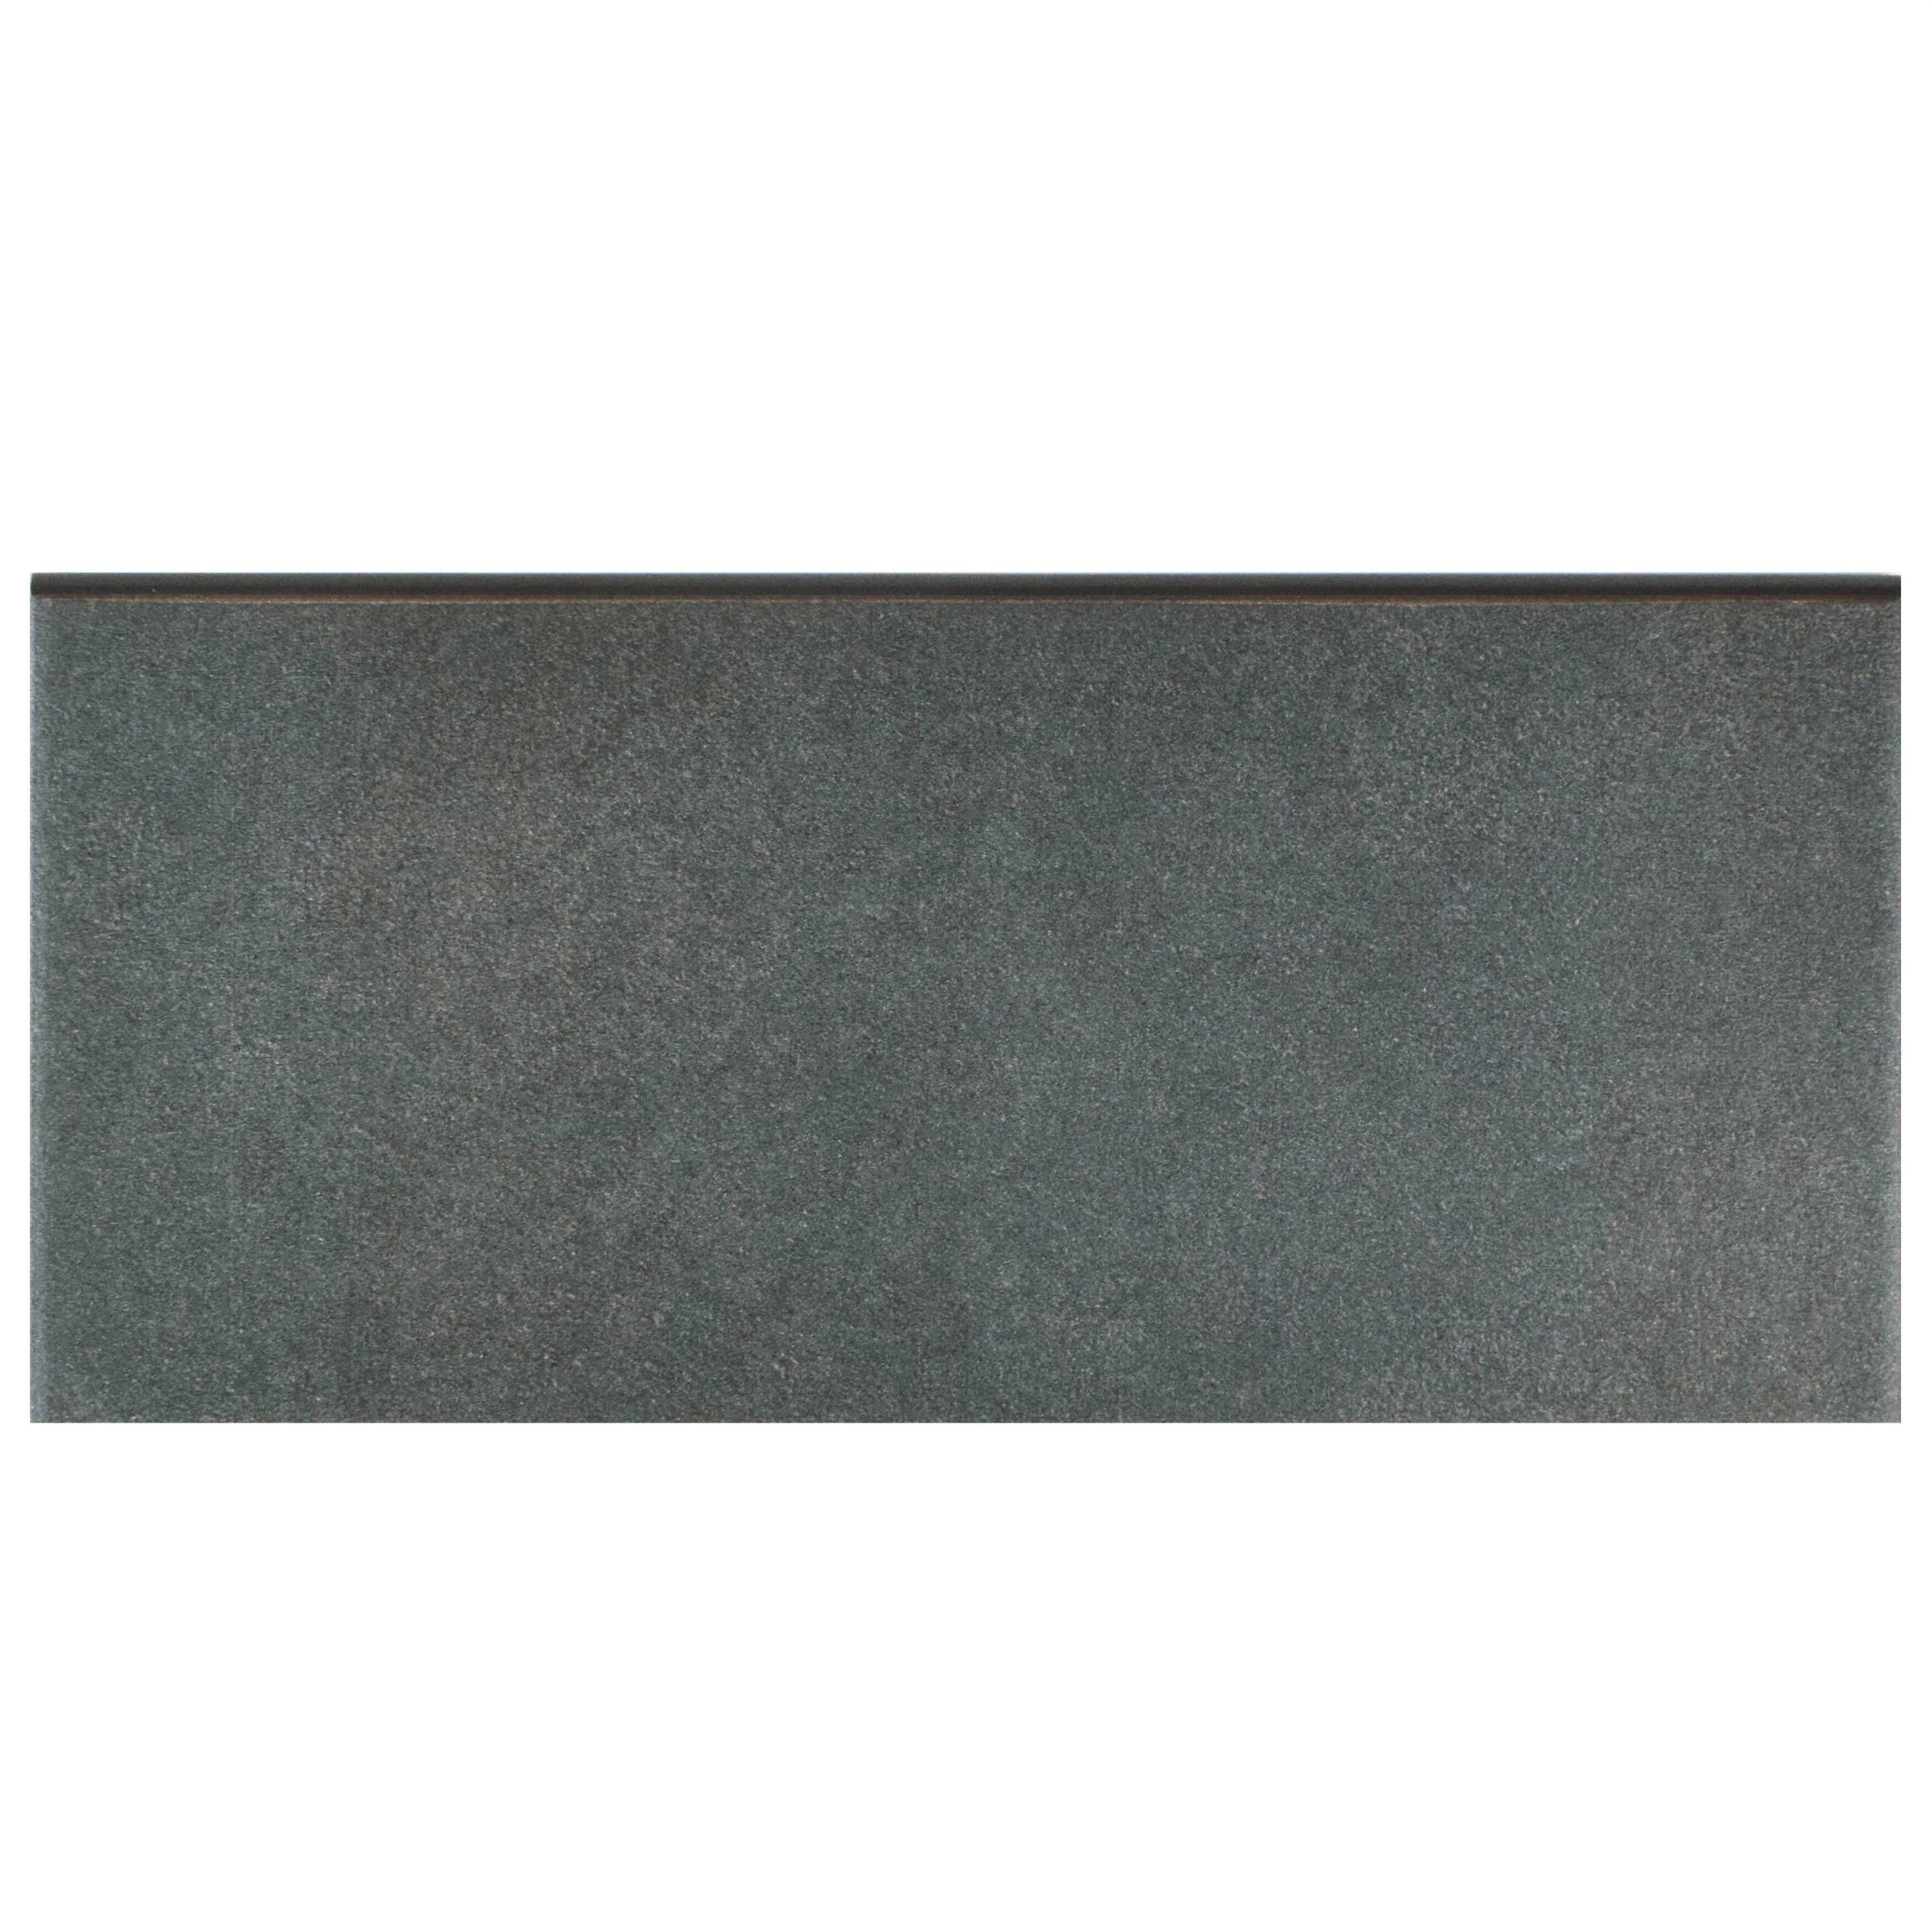 Elitetile Forties 3 5 X 7 75 Ceramic Bullnose Trim Tile In Black Wayfair